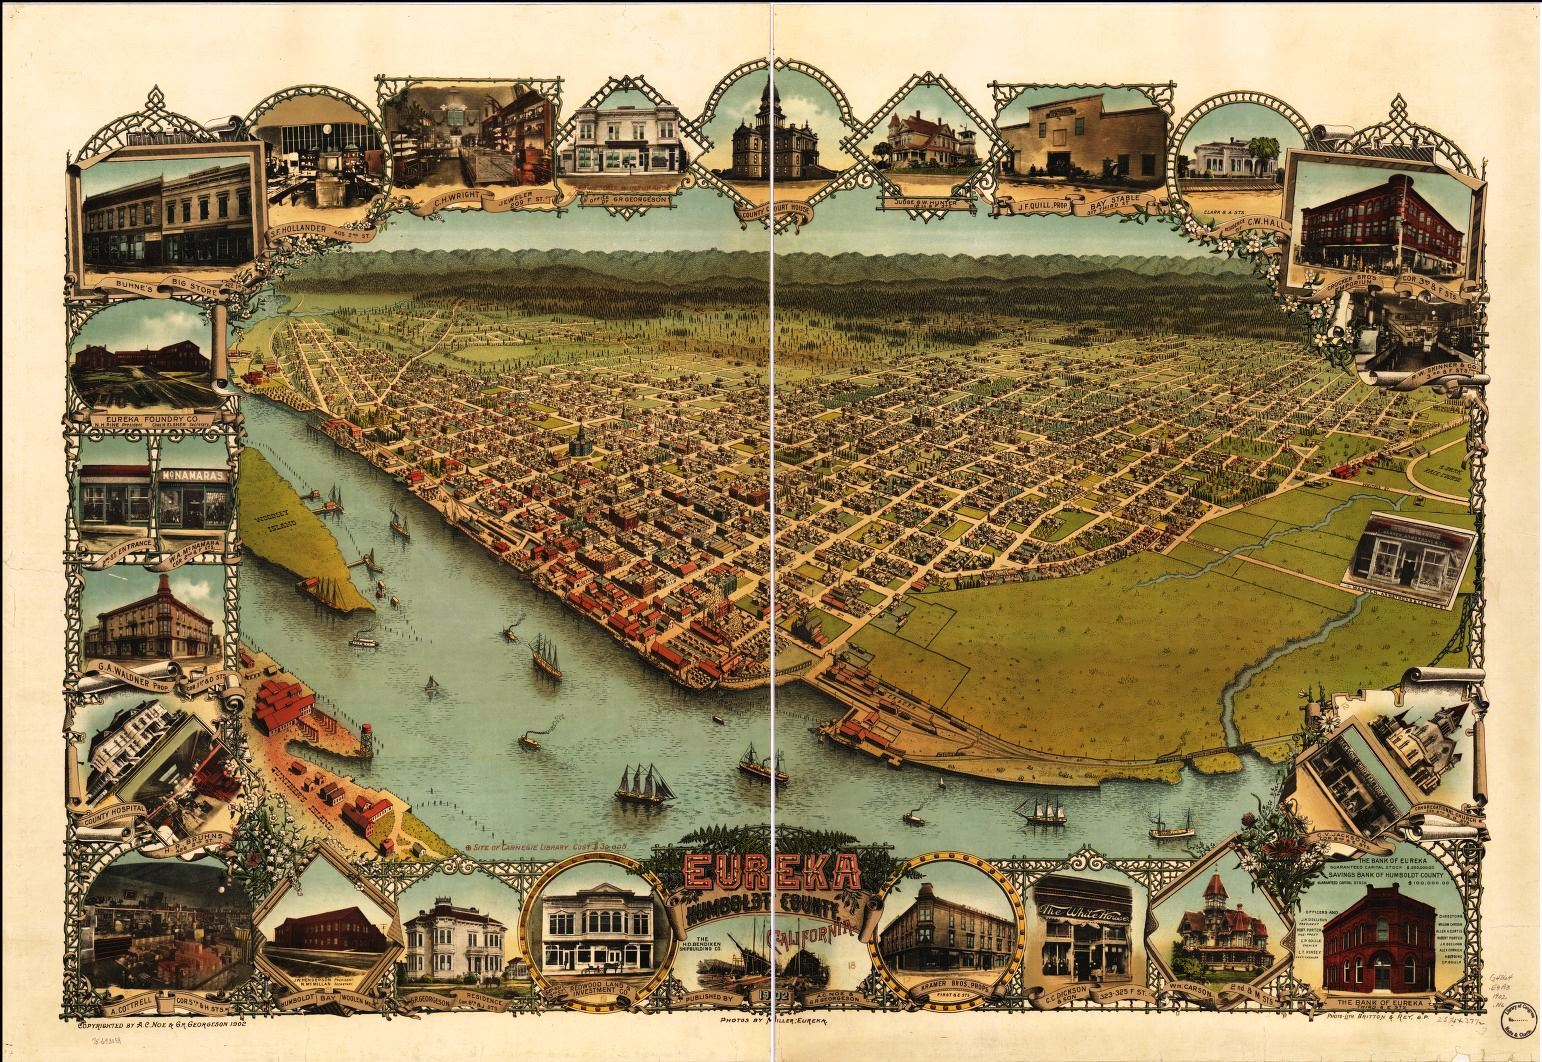 Eureka.Map.Panorama.1902.loc.gov